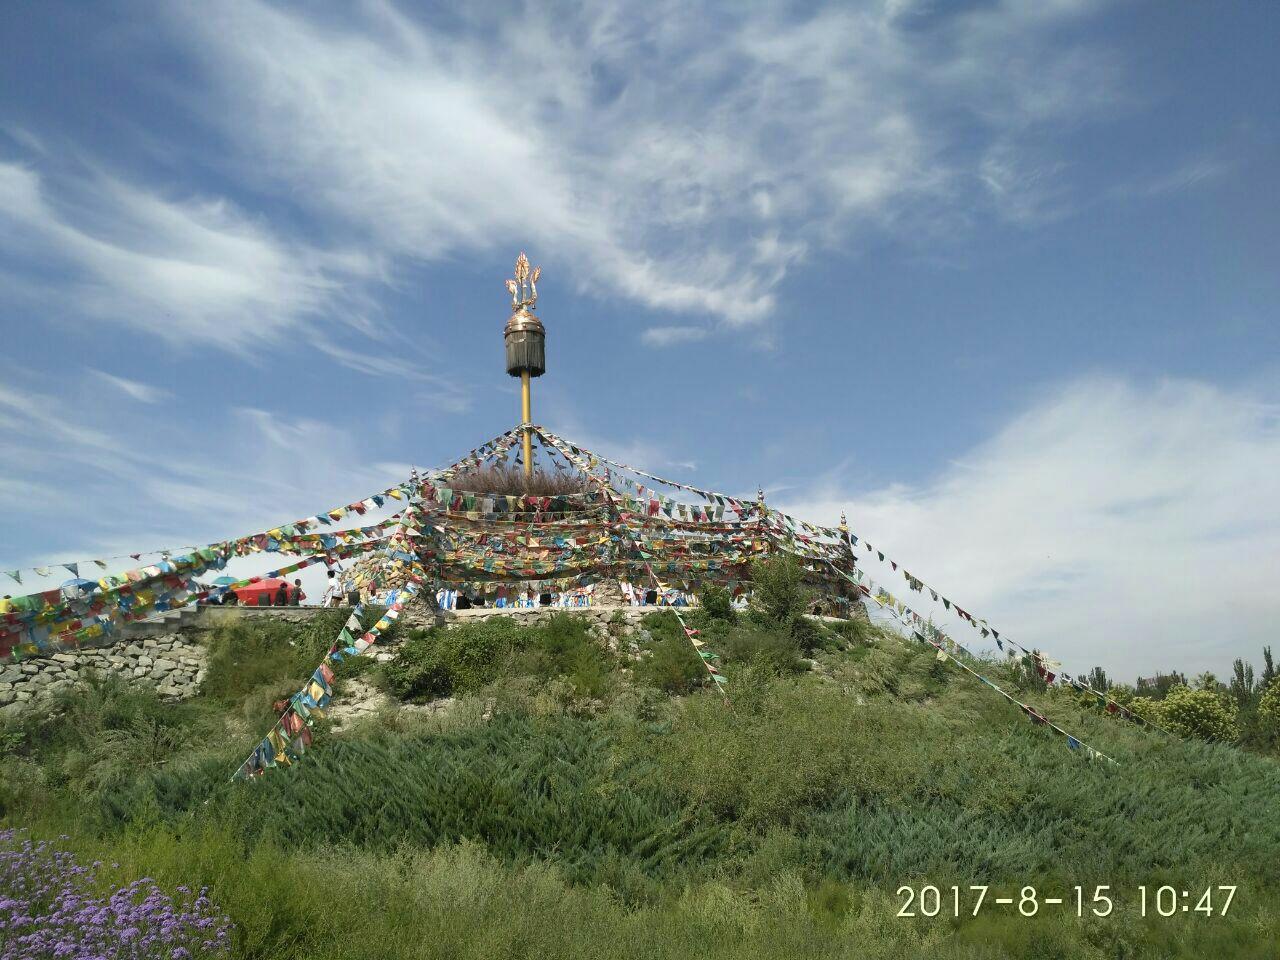 赛汗塔拉城中草原景色非常好,面积也很大,在包头市里面.